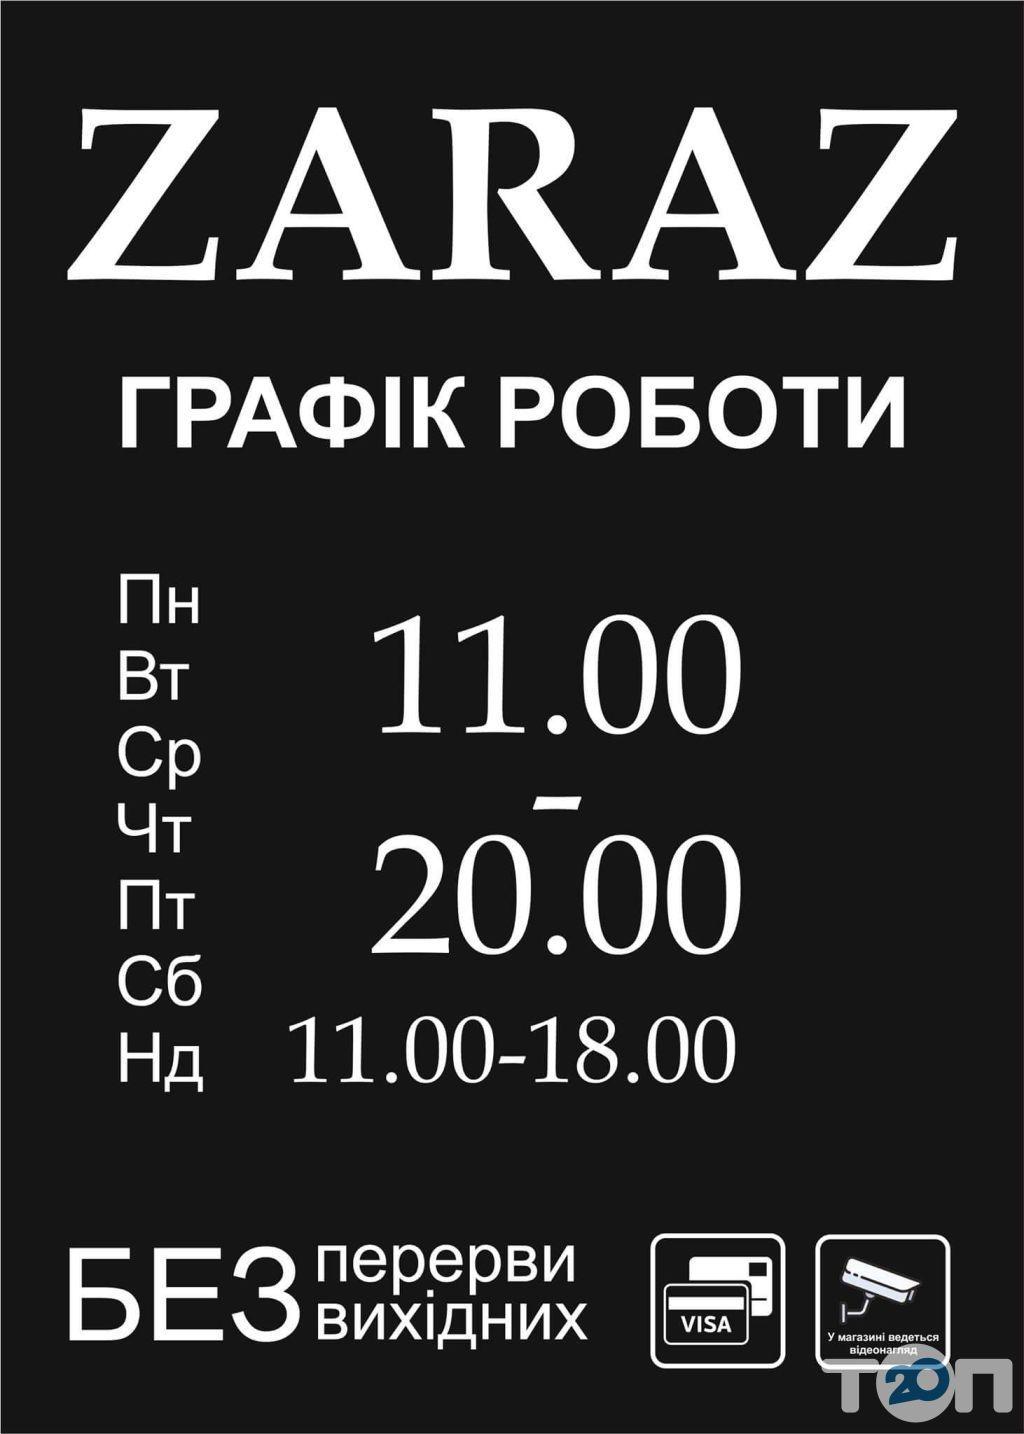 Zaraz - фото 4